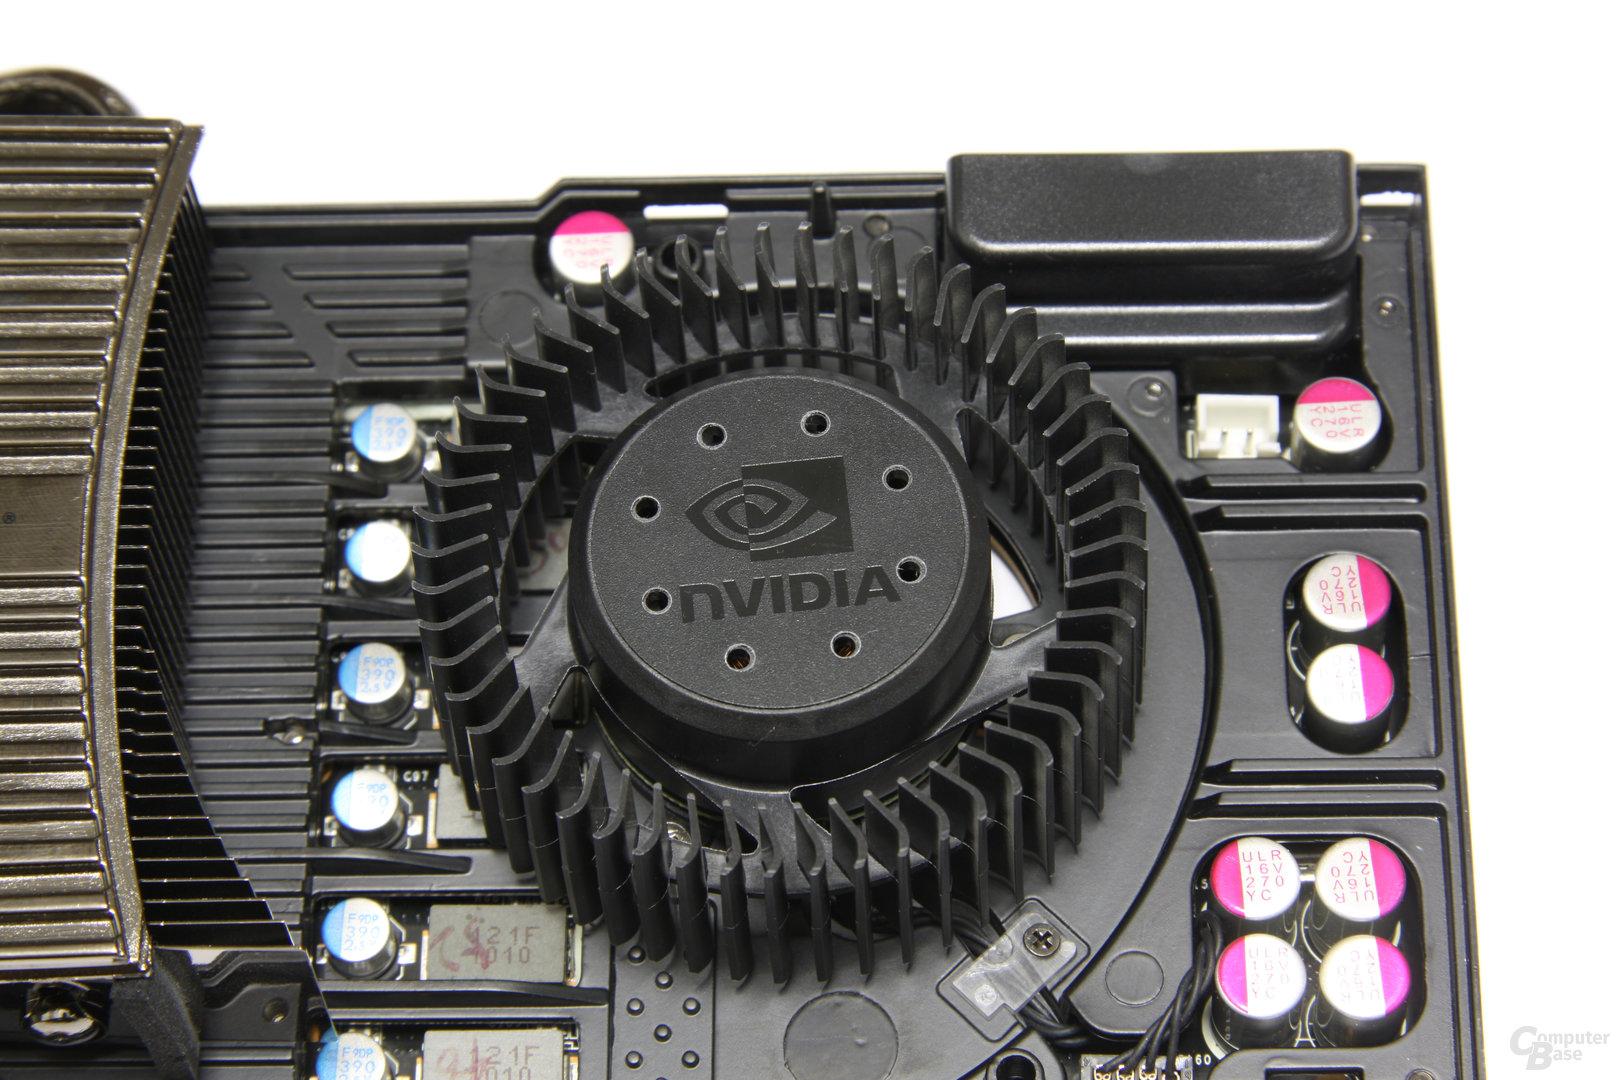 GeForce GTX 480 Lüfter ohne Kühler